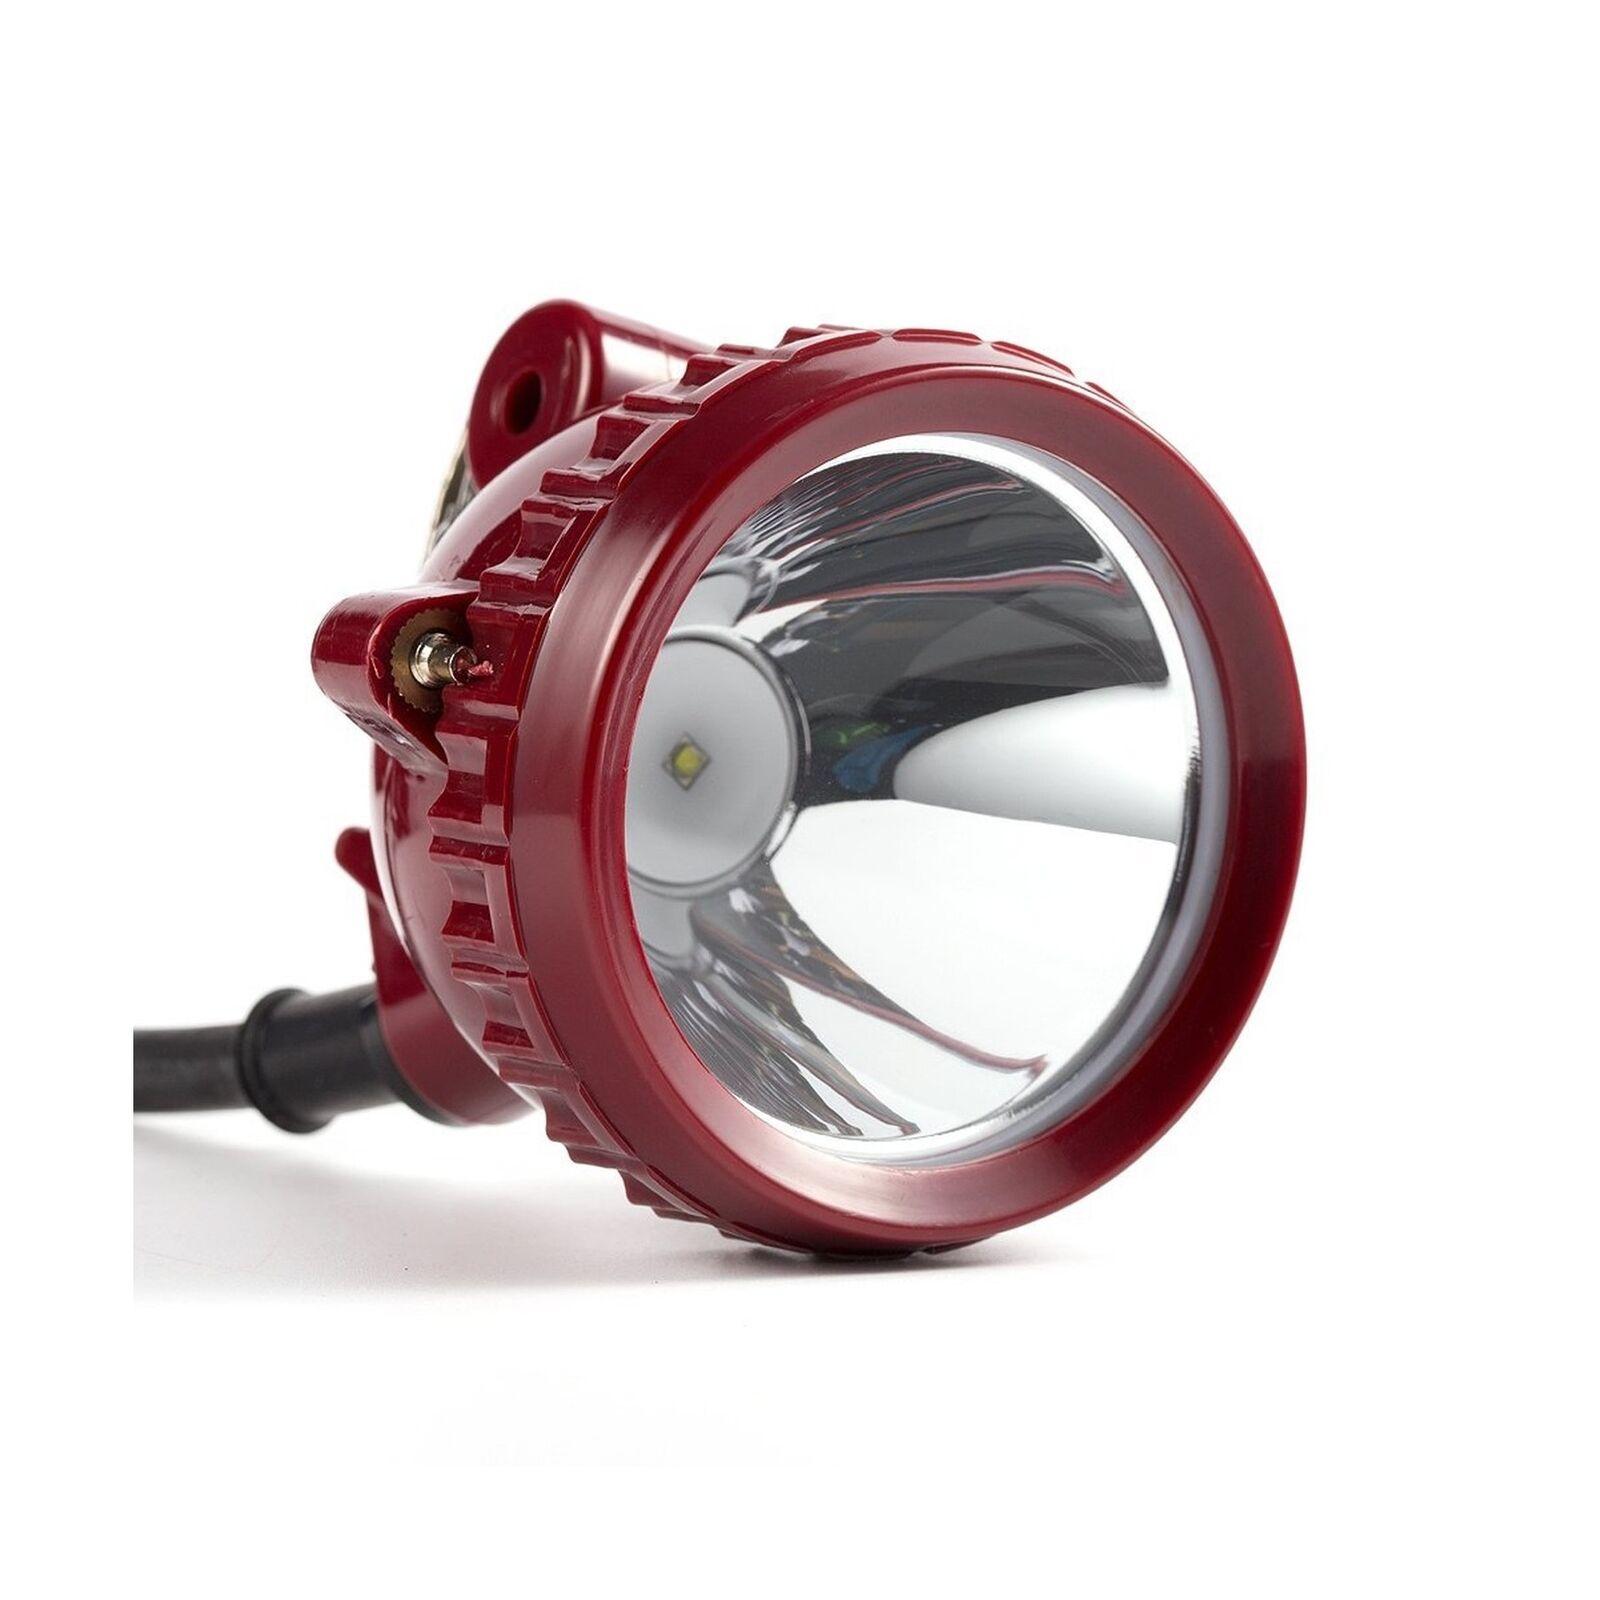 Kohree KL6LM 5W 25000Lux LED Miner Head Light Headlight Lamp Fit for HogDeer...